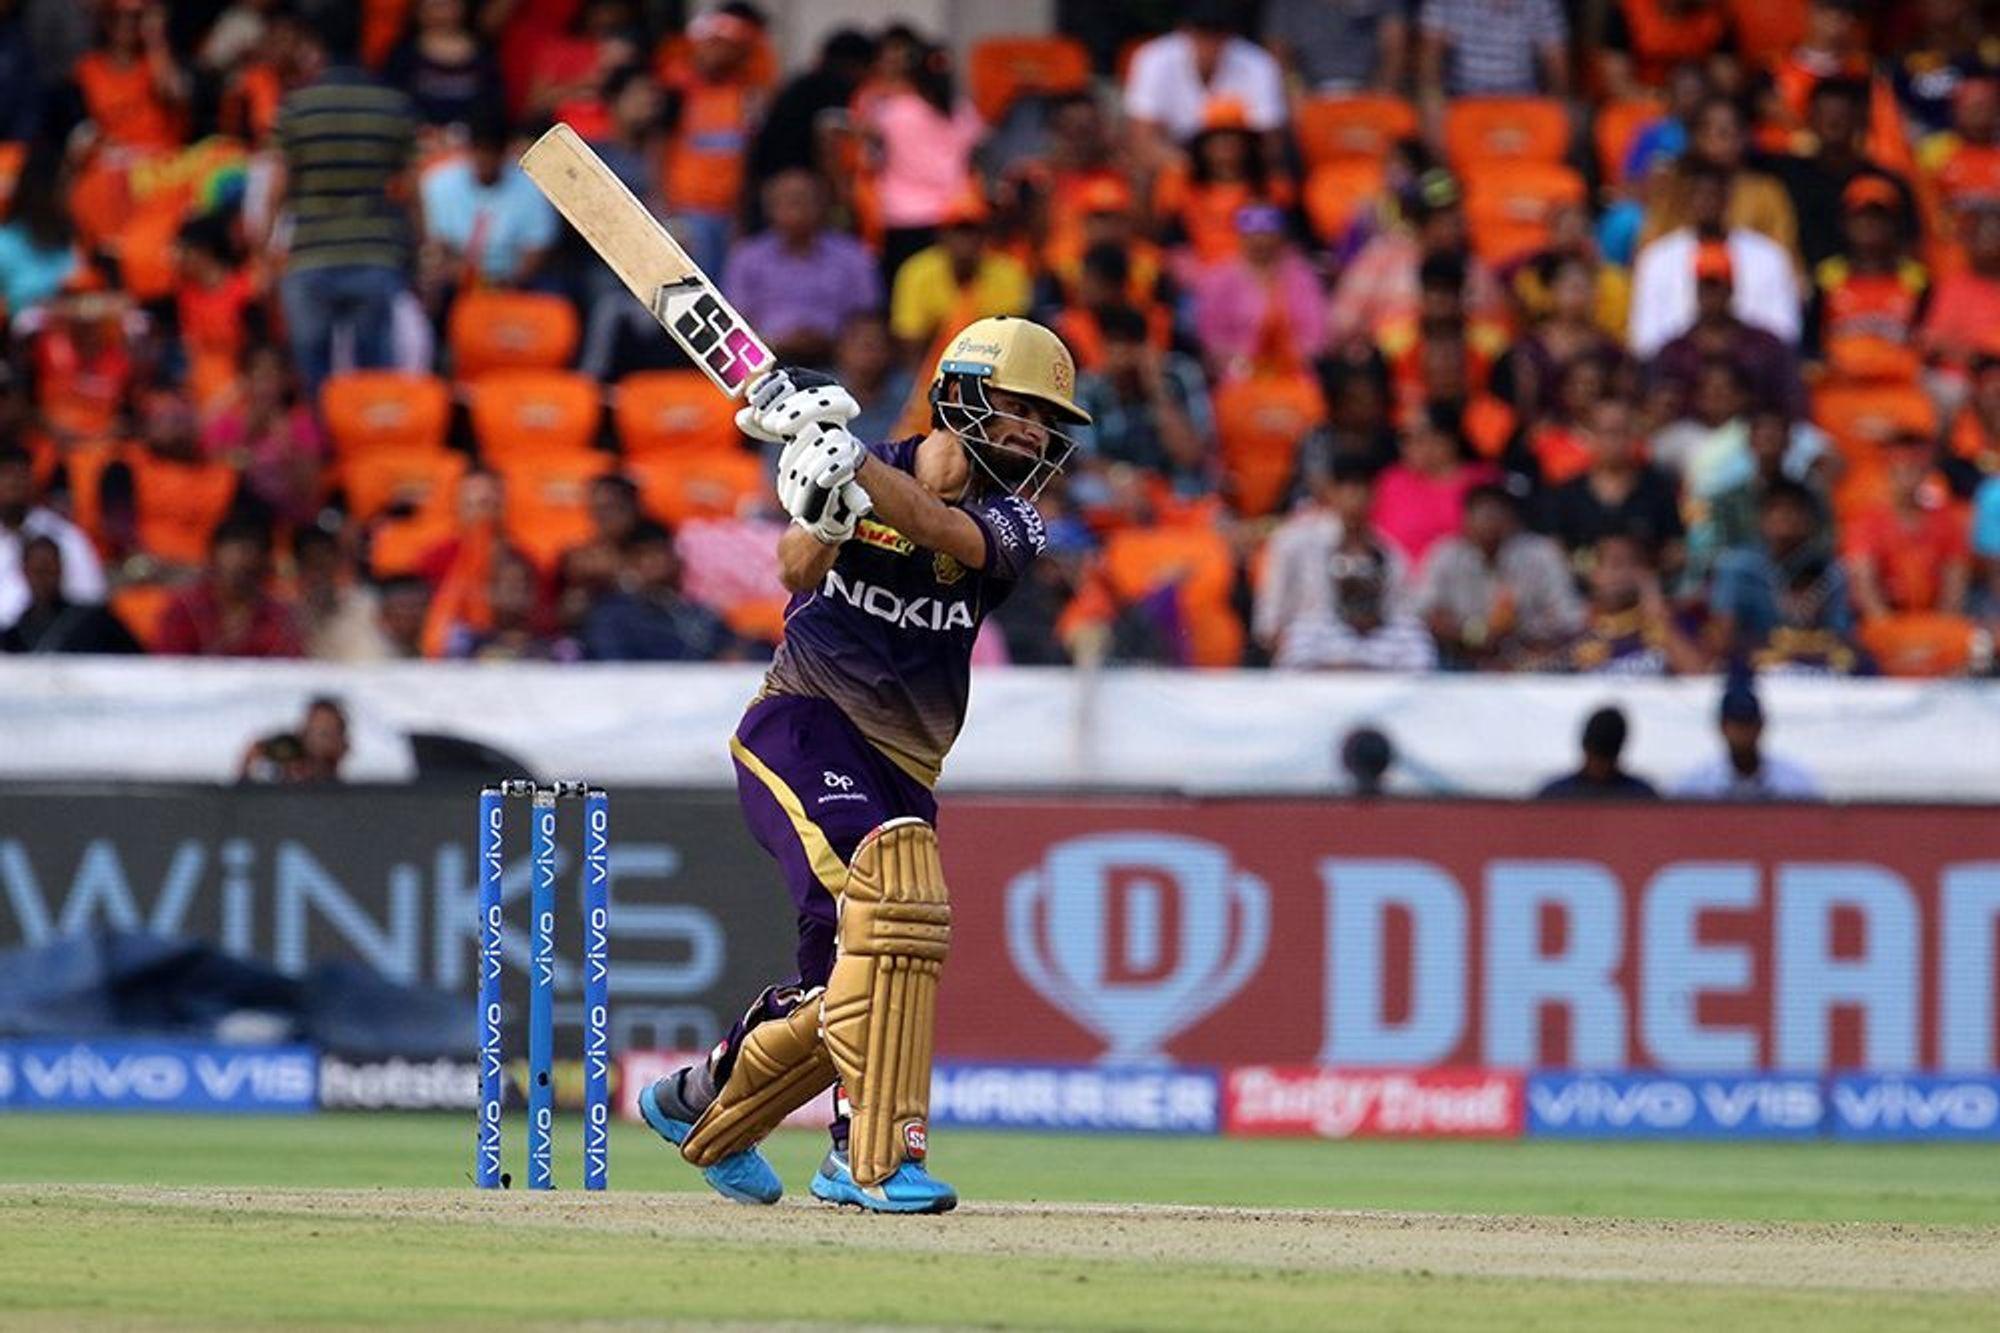 कोलकाता नाईट राइडर्स की बल्लेबाजी फिर हुई फ्लॉप, जमकर उड़ा रिंकू सिंह का मजाक 37